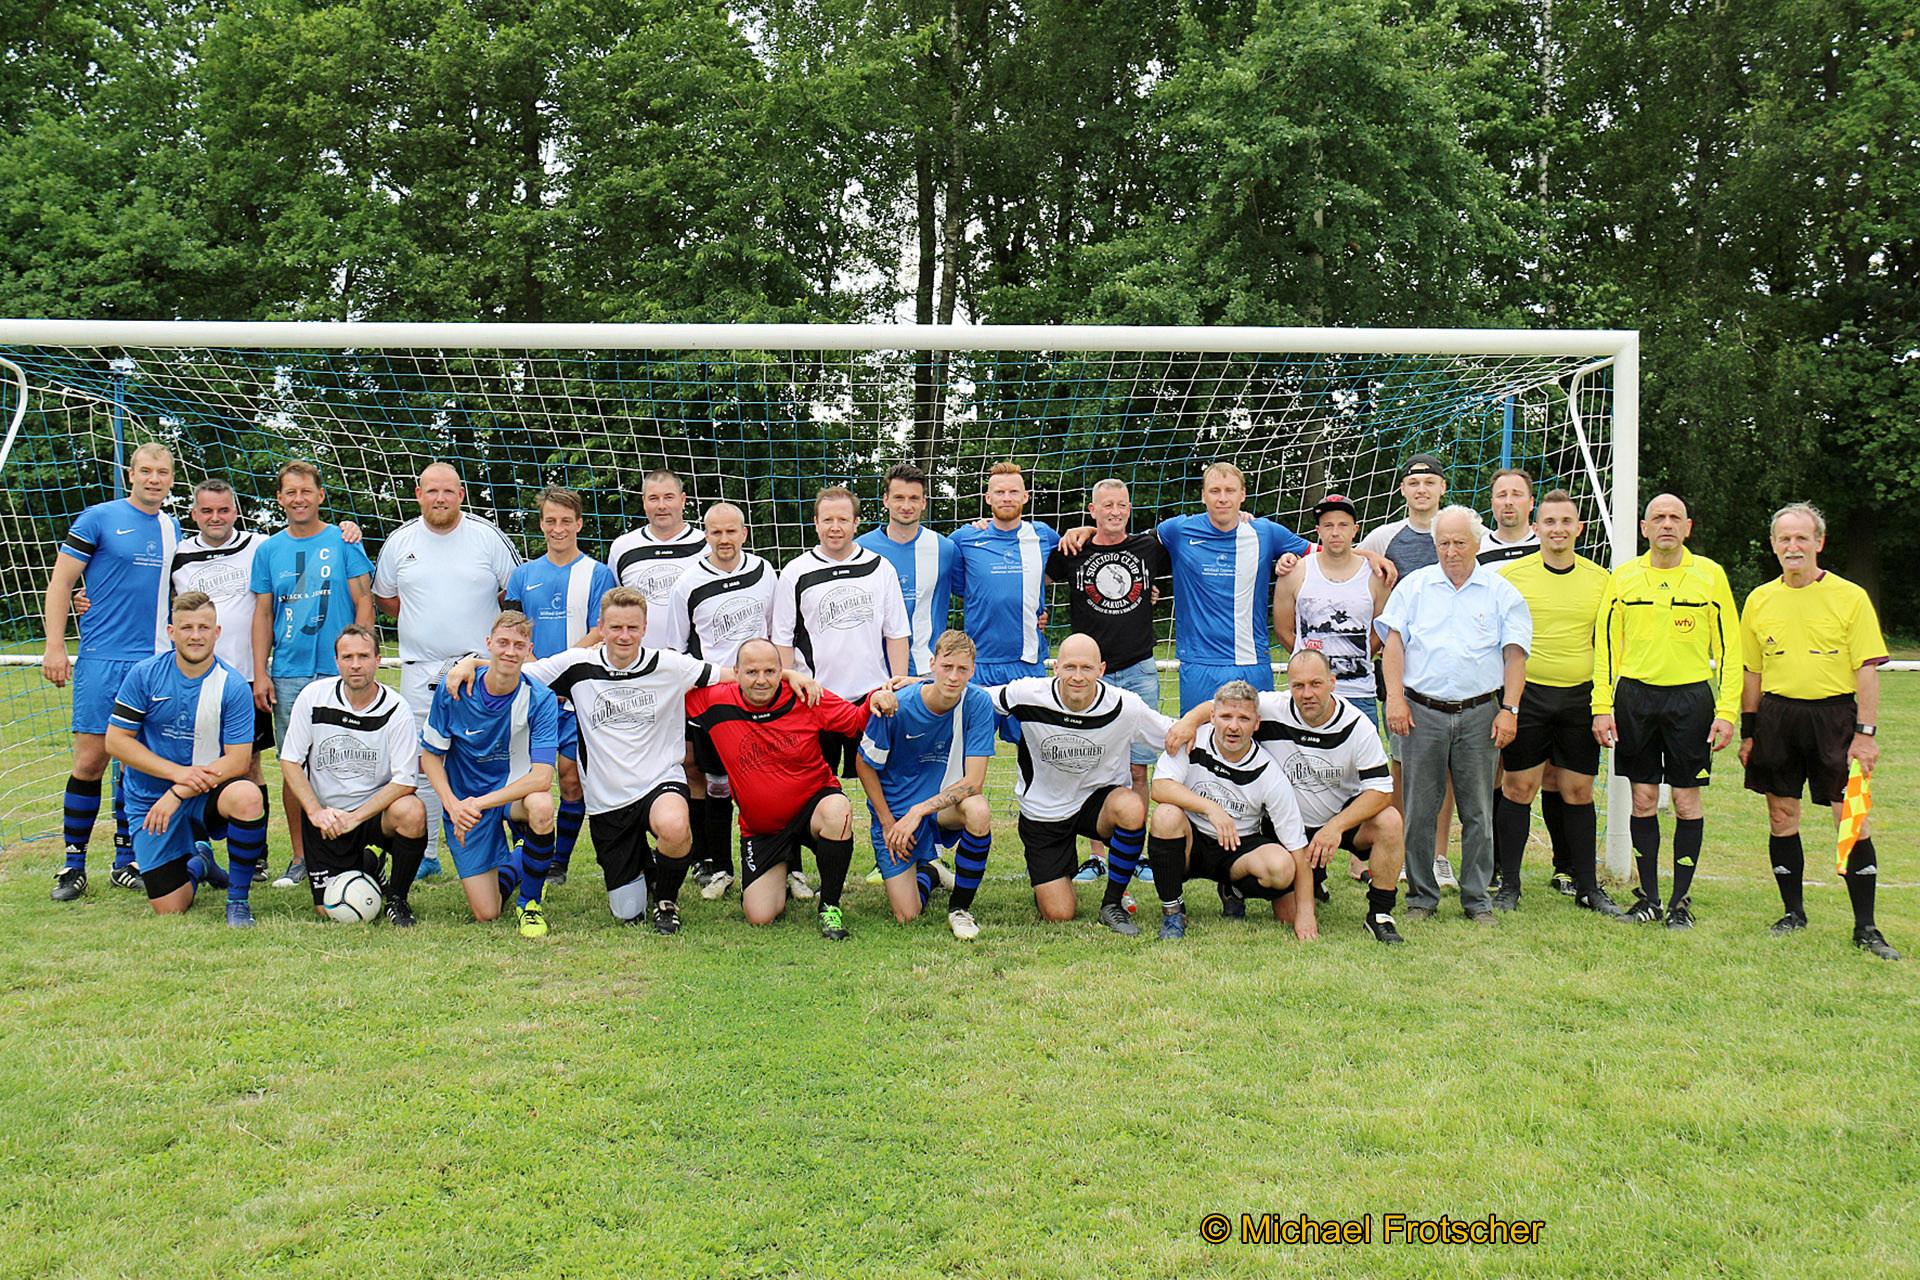 Gruppenbild der Legenden des Sports und des SV Blau-Weiß 90 Greiz